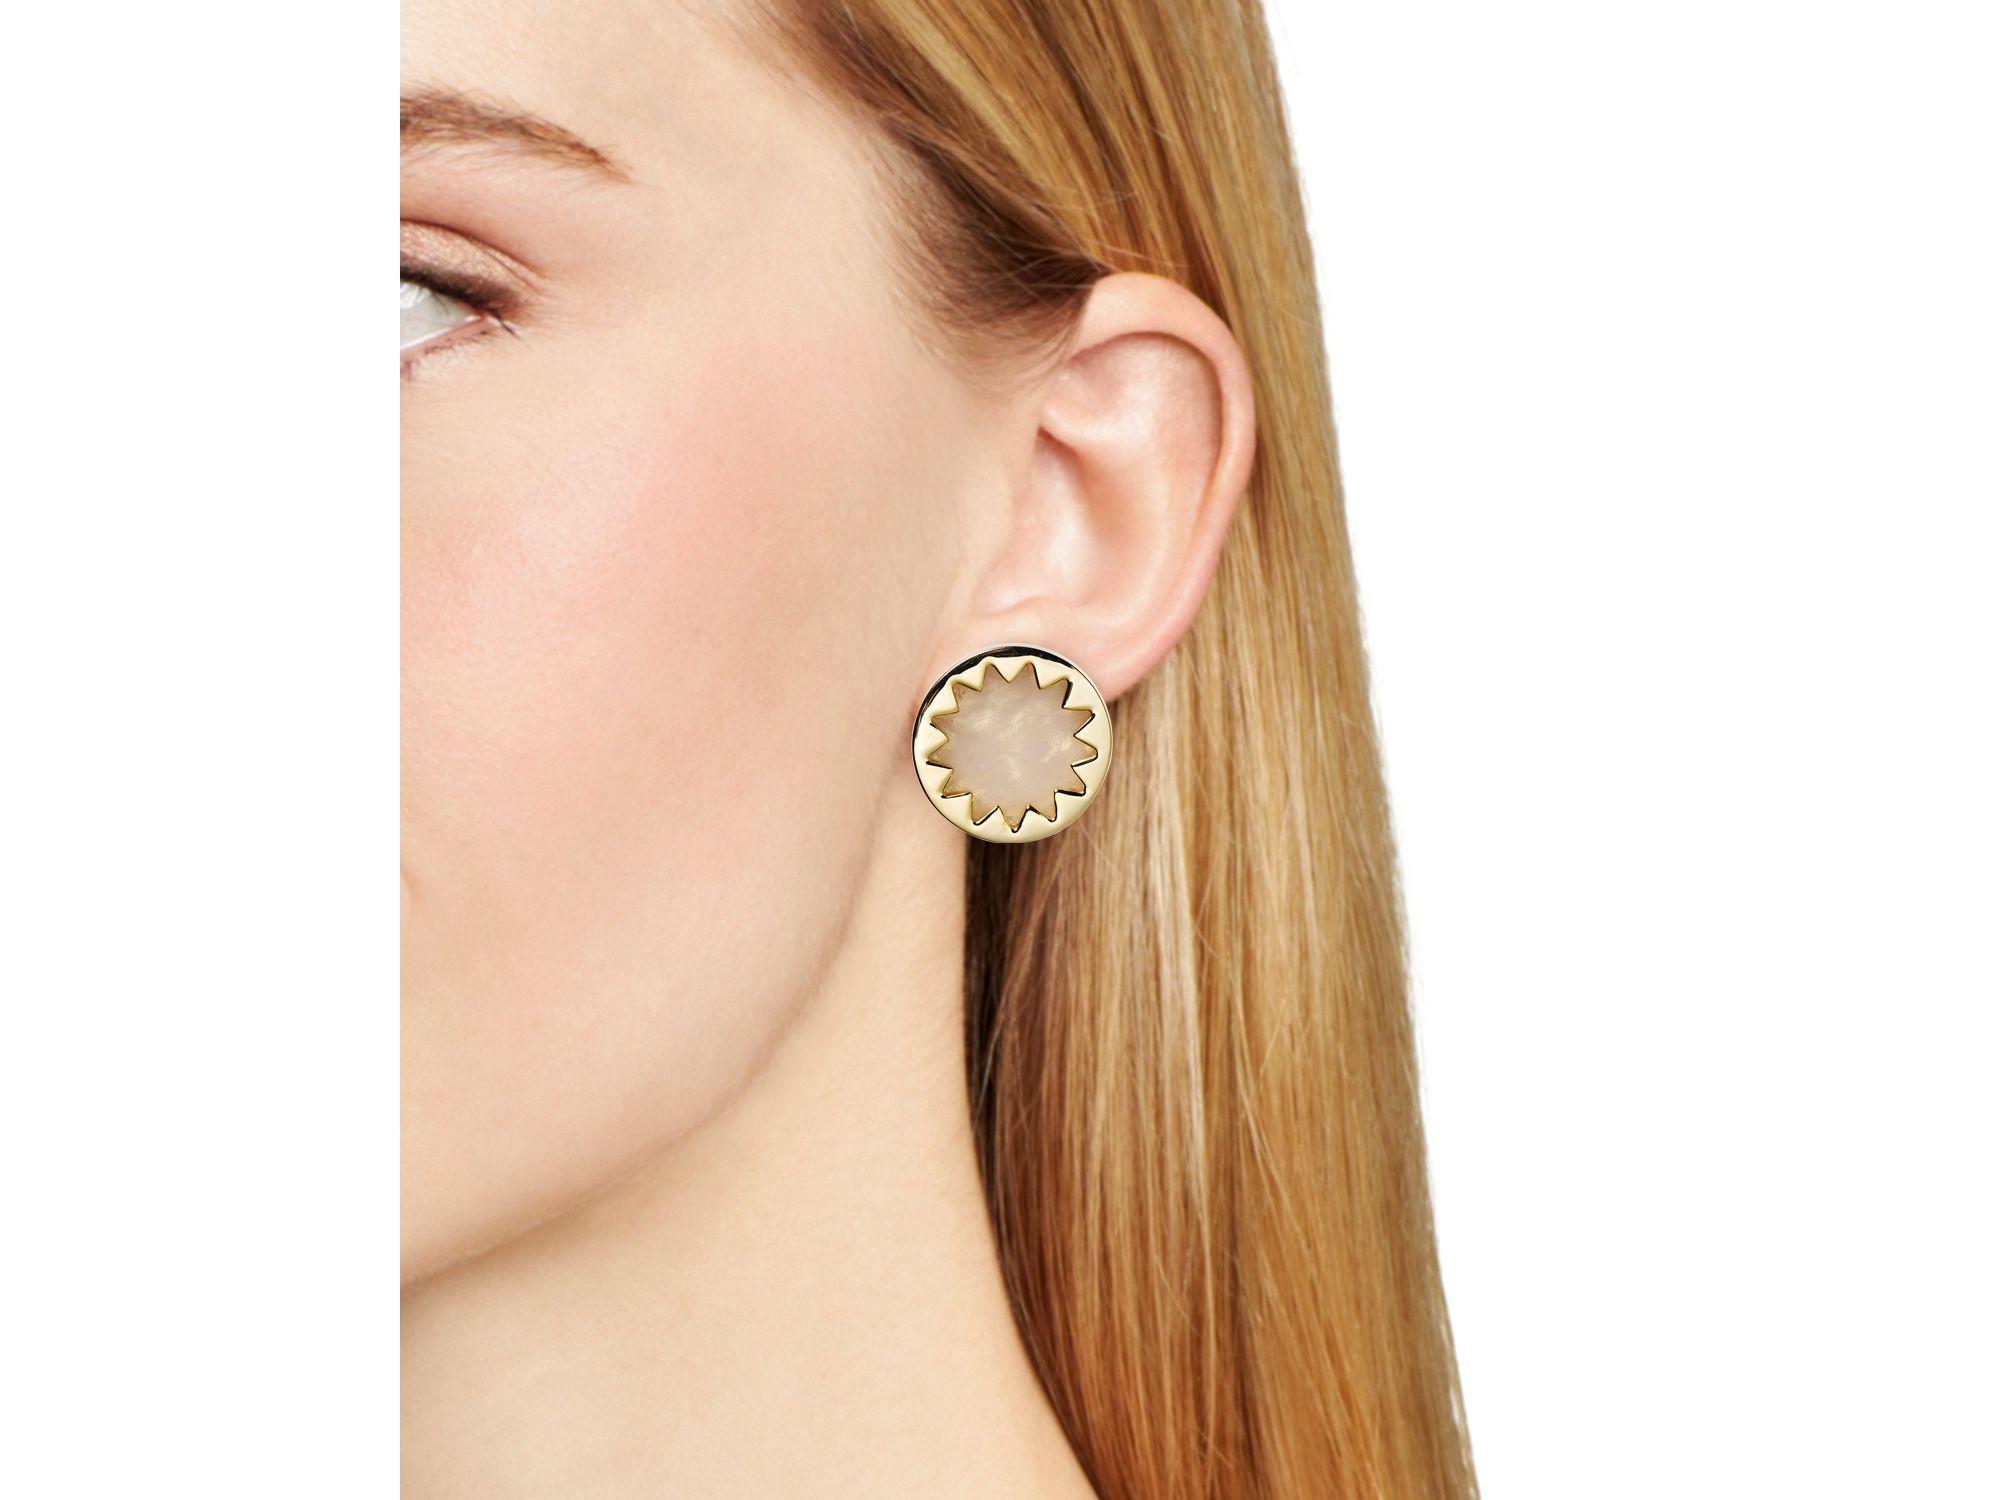 1960 Sunburst On Stud Earrings